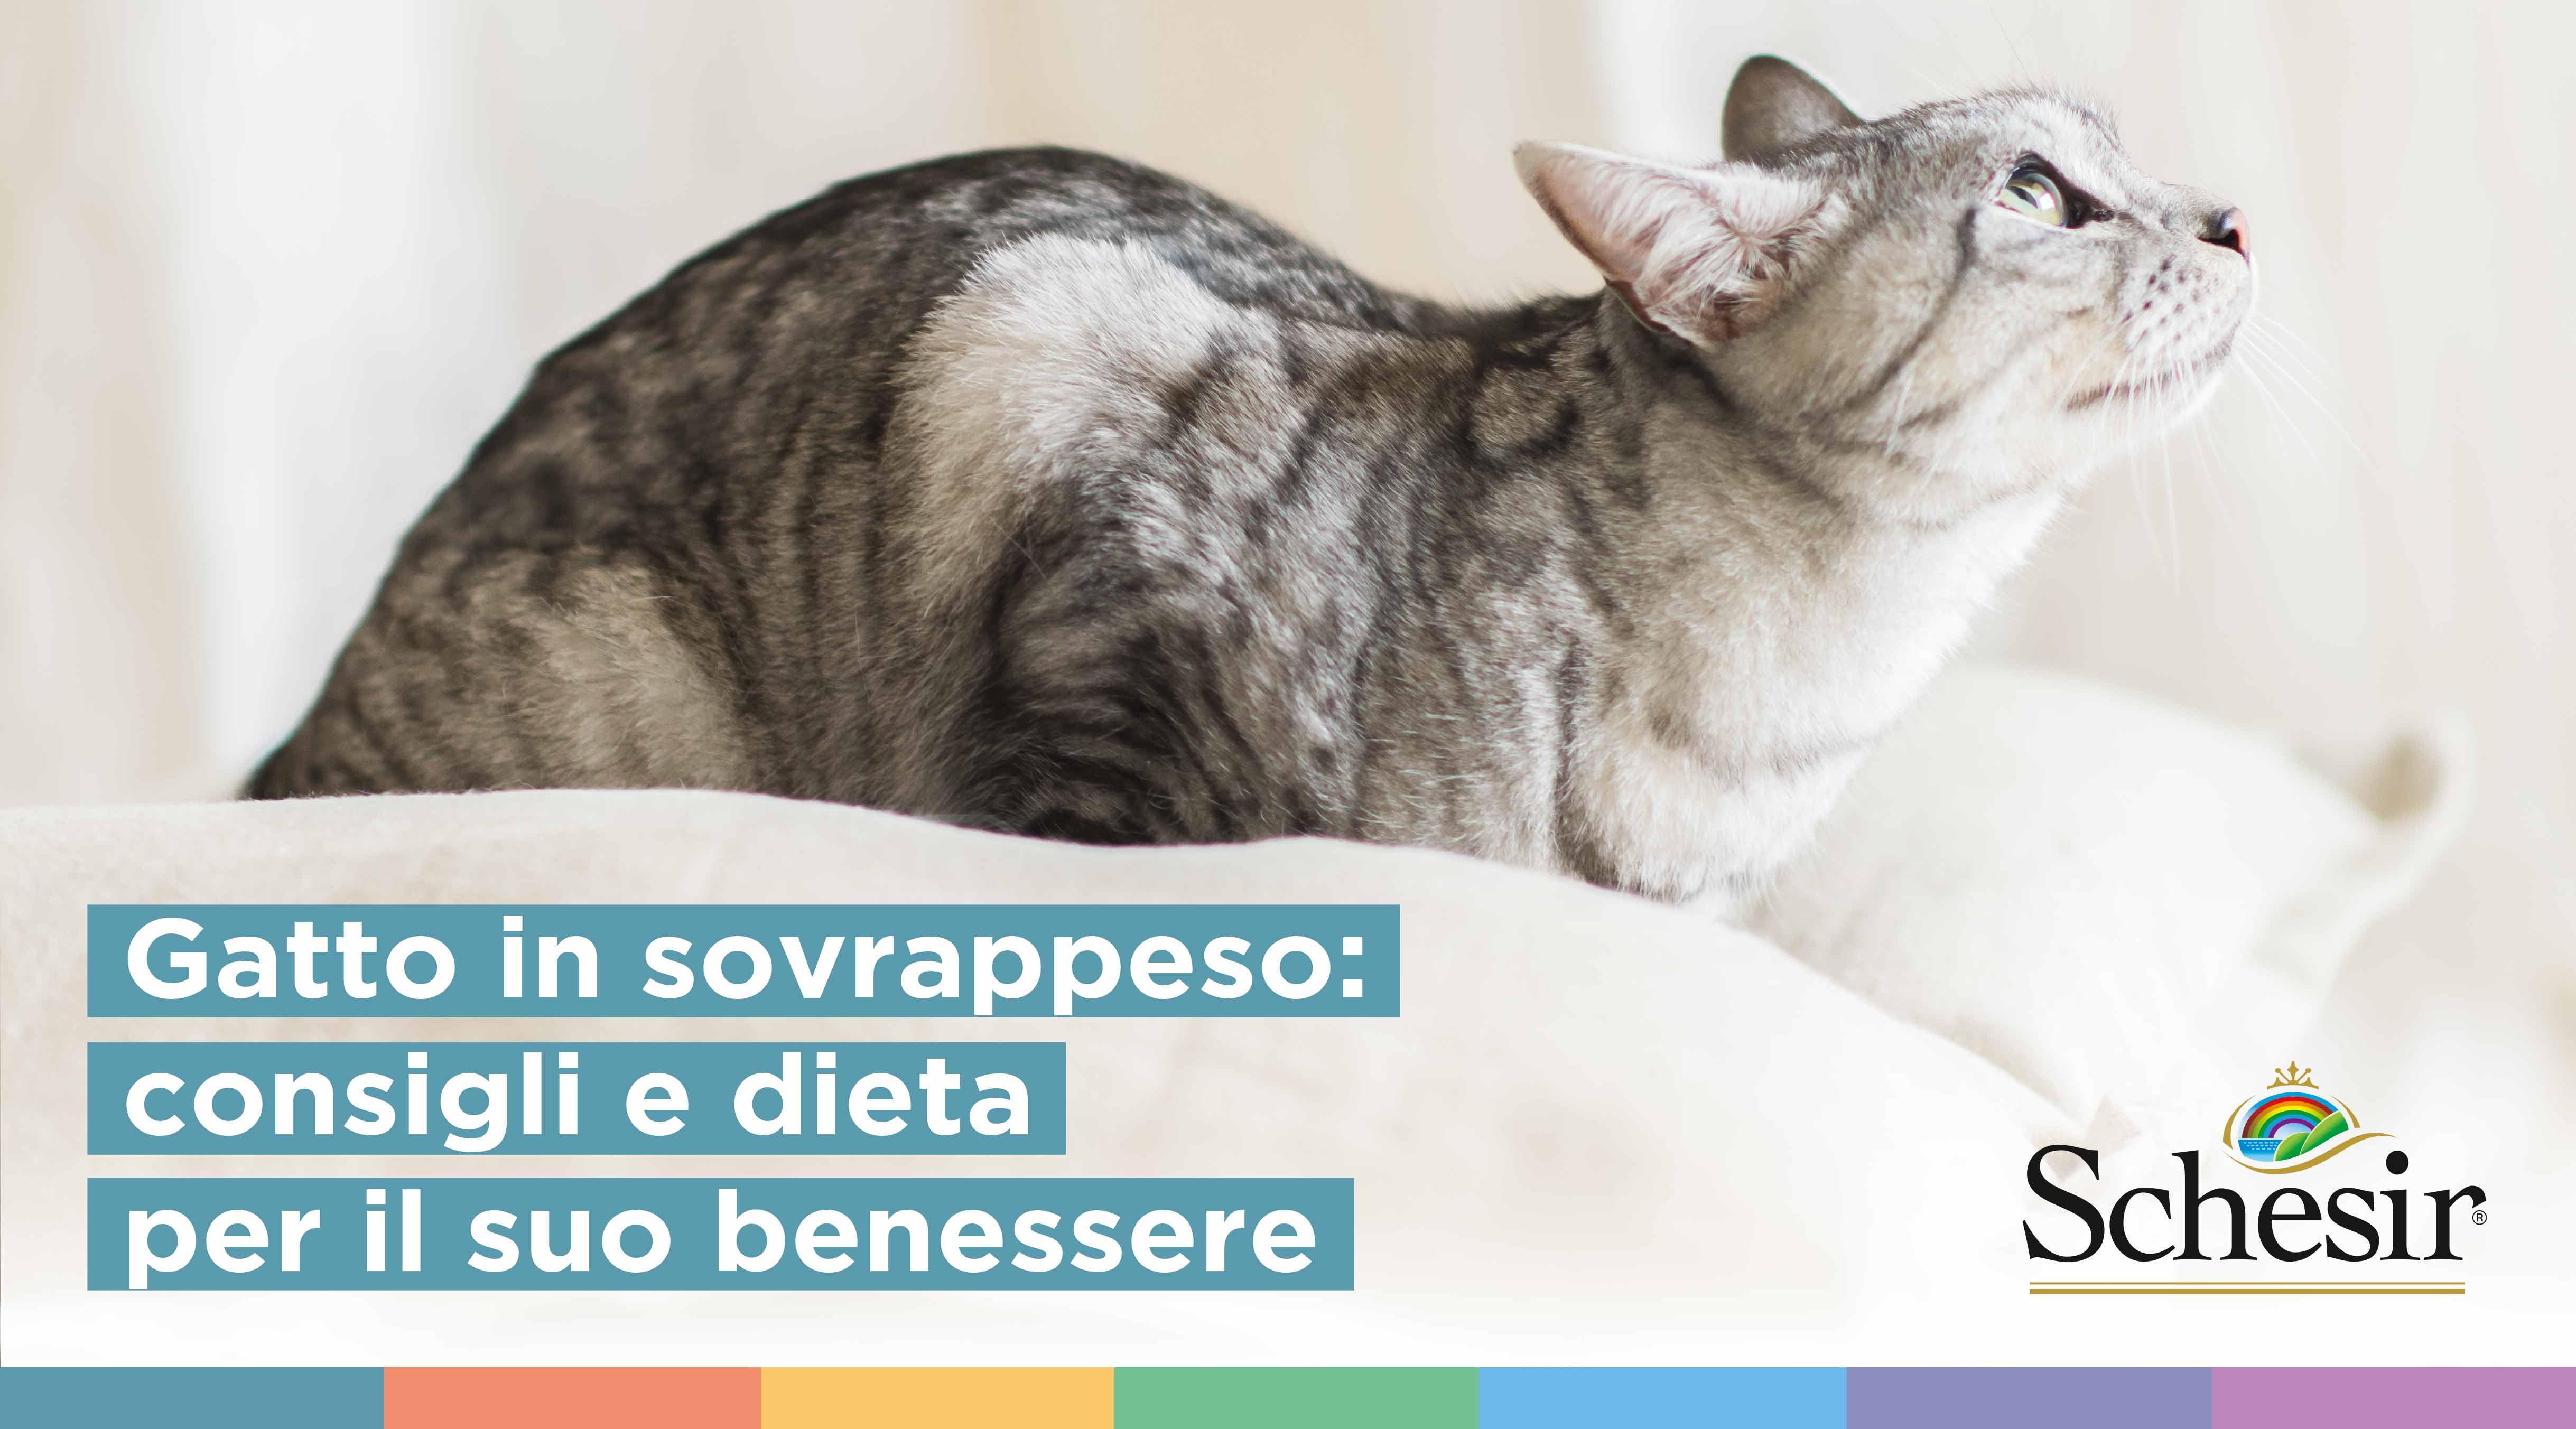 Gatto in sovrappeso: consigli e dieta per il suo benessere, Schesir - Alimenti Naturali Per Cani E Gatti